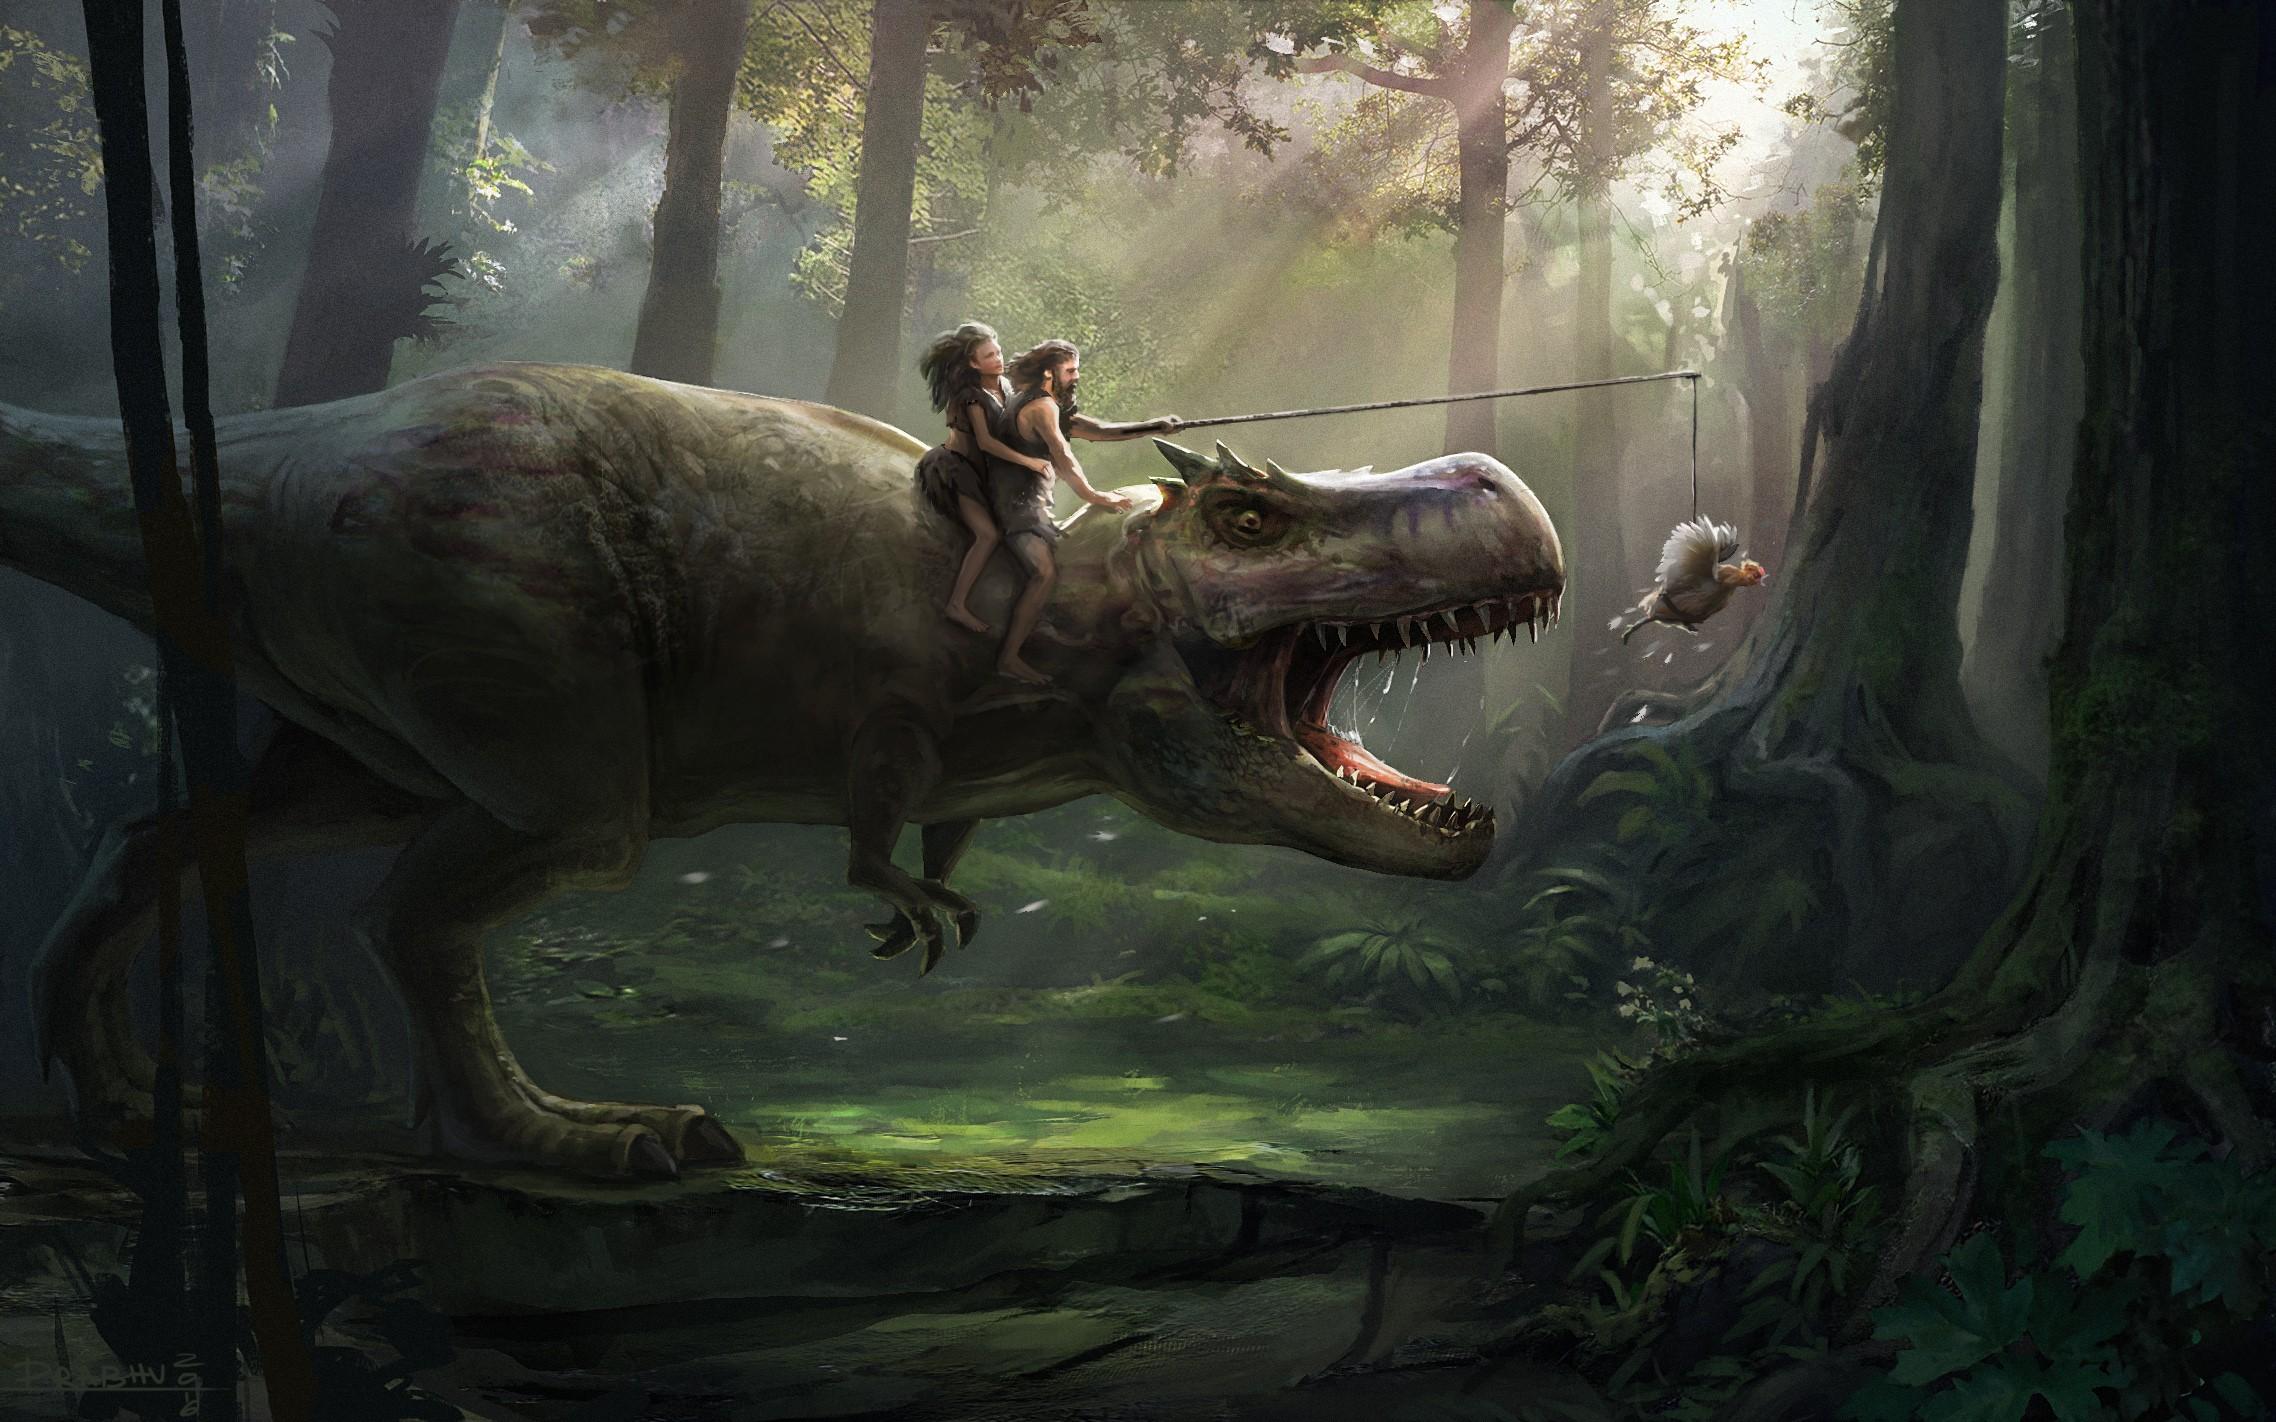 fond d 39 cran humour jungle pr historique t rex faune dinosaure capture d 39 cran. Black Bedroom Furniture Sets. Home Design Ideas